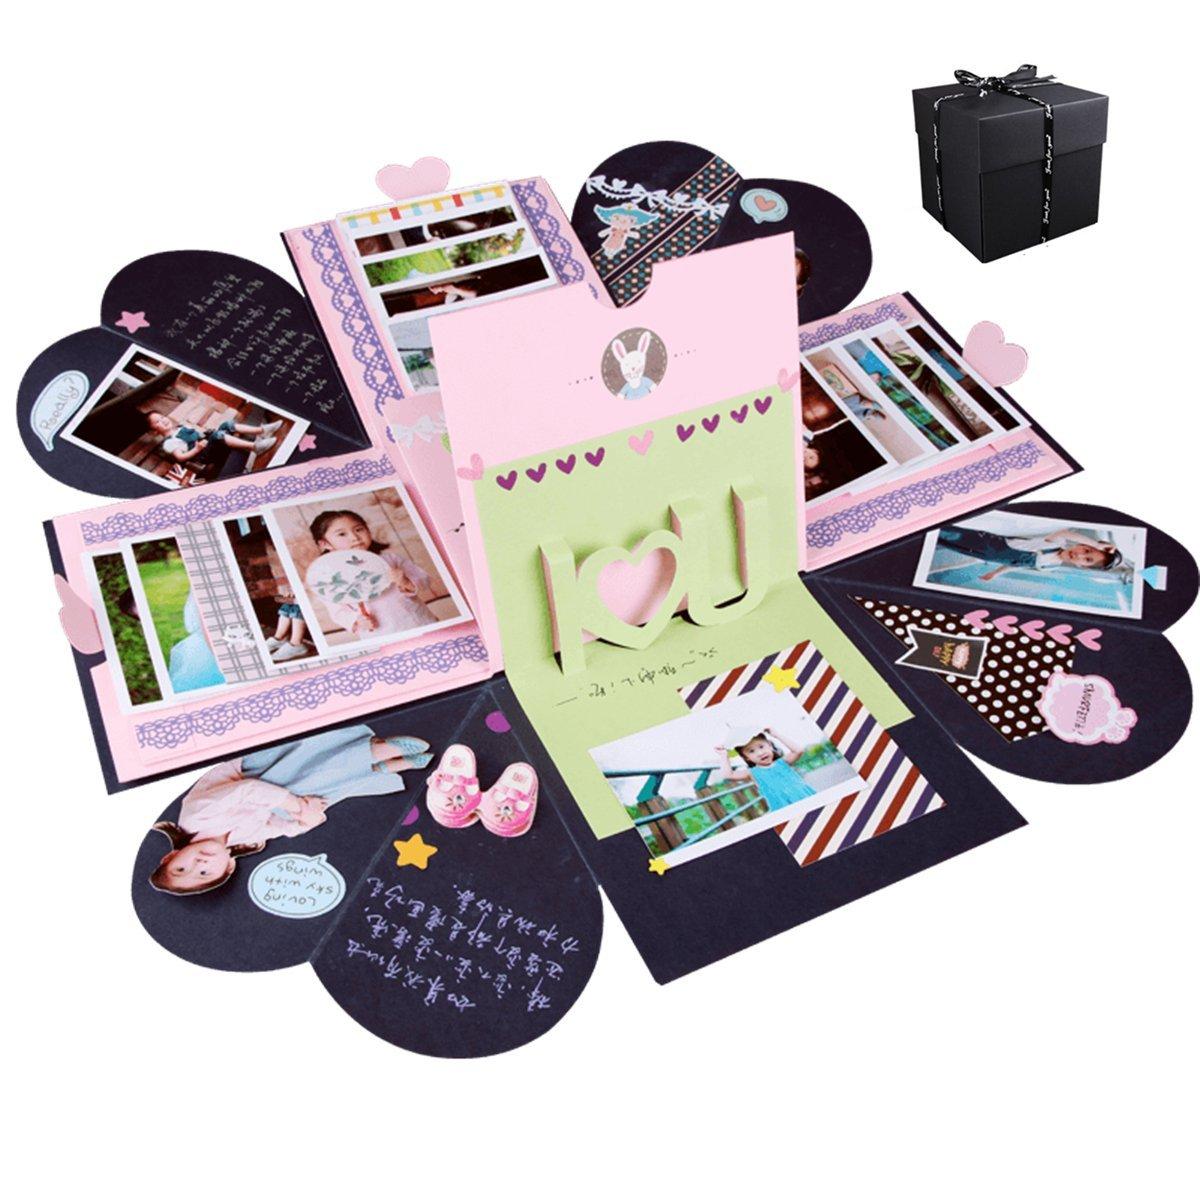 UUOUU - Álbum de fotos creativo para manualidades, caja de regalo para el día de San Valentín, cumpleaños, aniversario, San Valentín, regalo de boda: Amazon.es: Bricolaje y herramientas